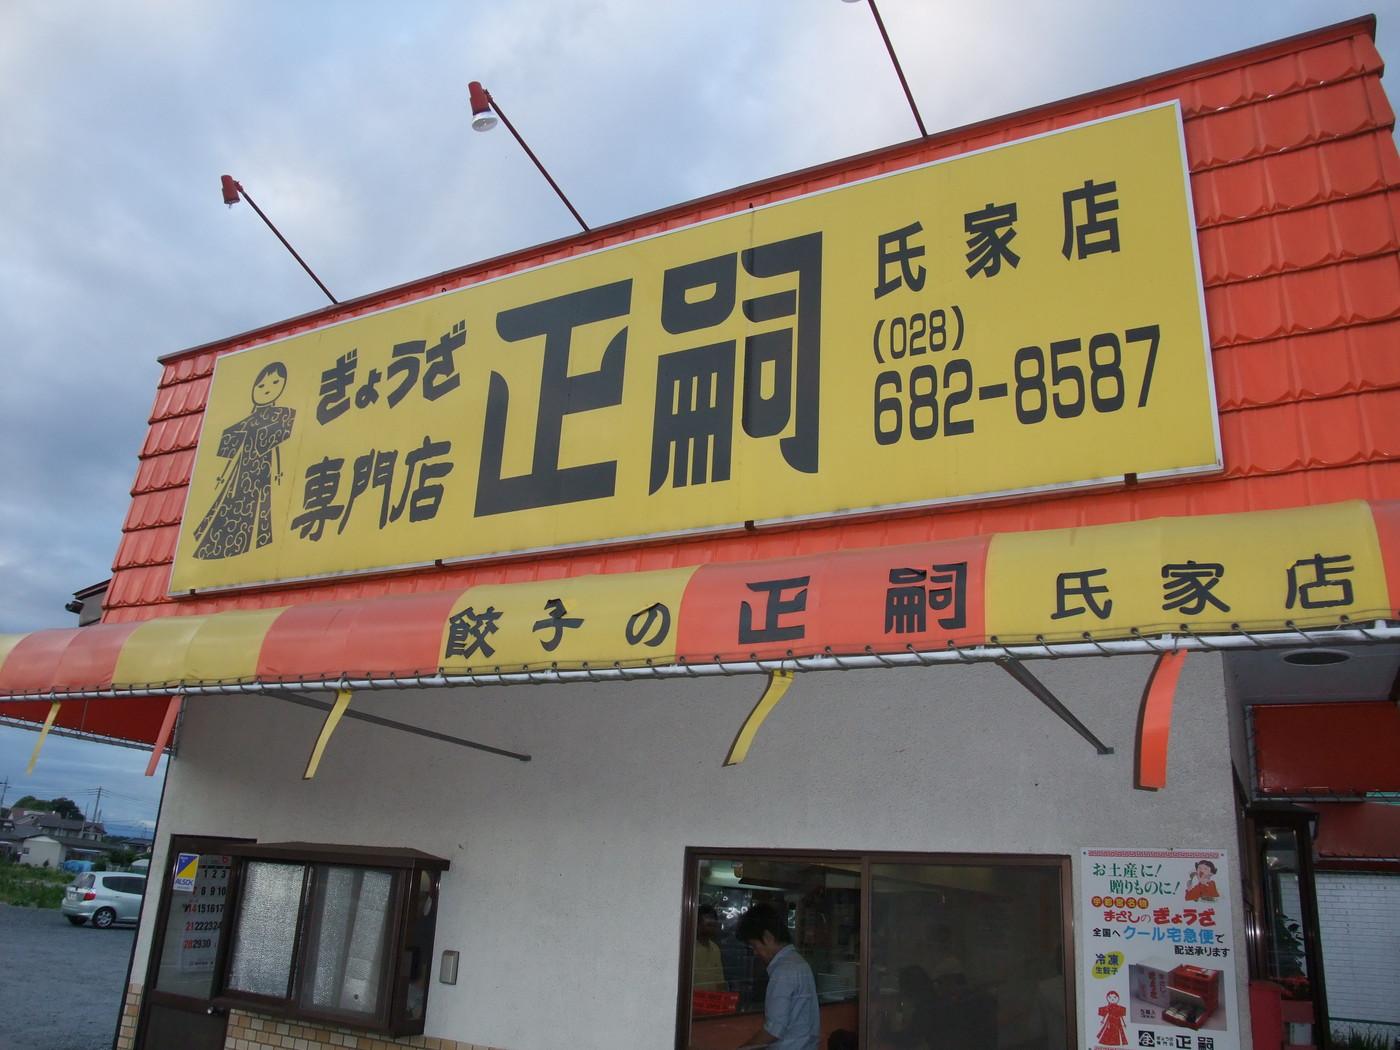 正嗣 氏家店